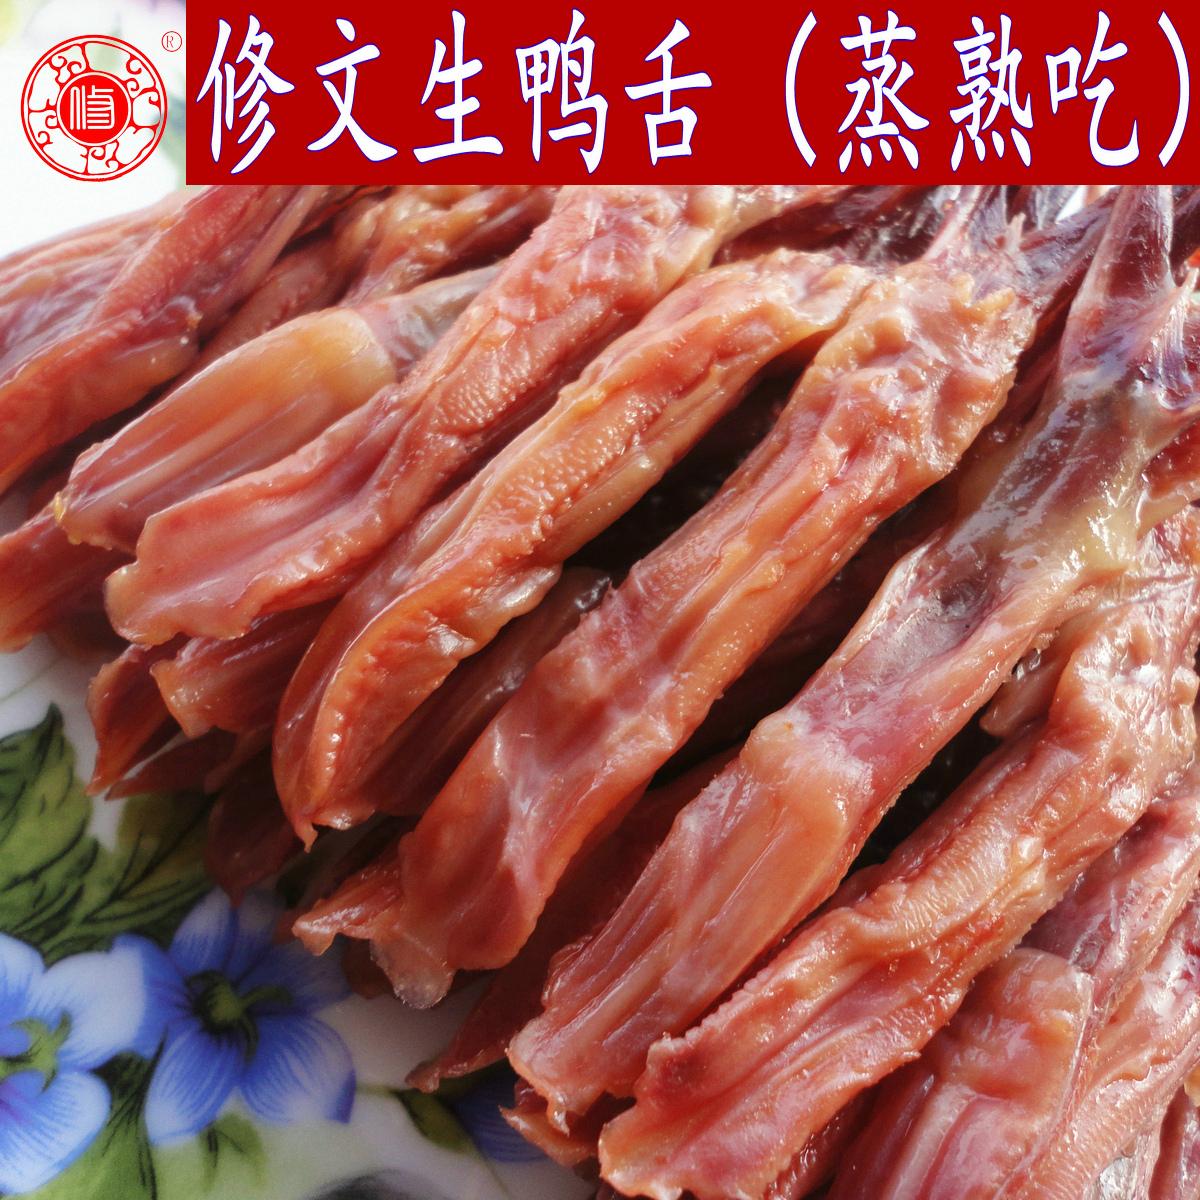 温州特产食品修文酱鸭舌生腊鸭舌500克修文生鸭舌头 年货媲美初旭